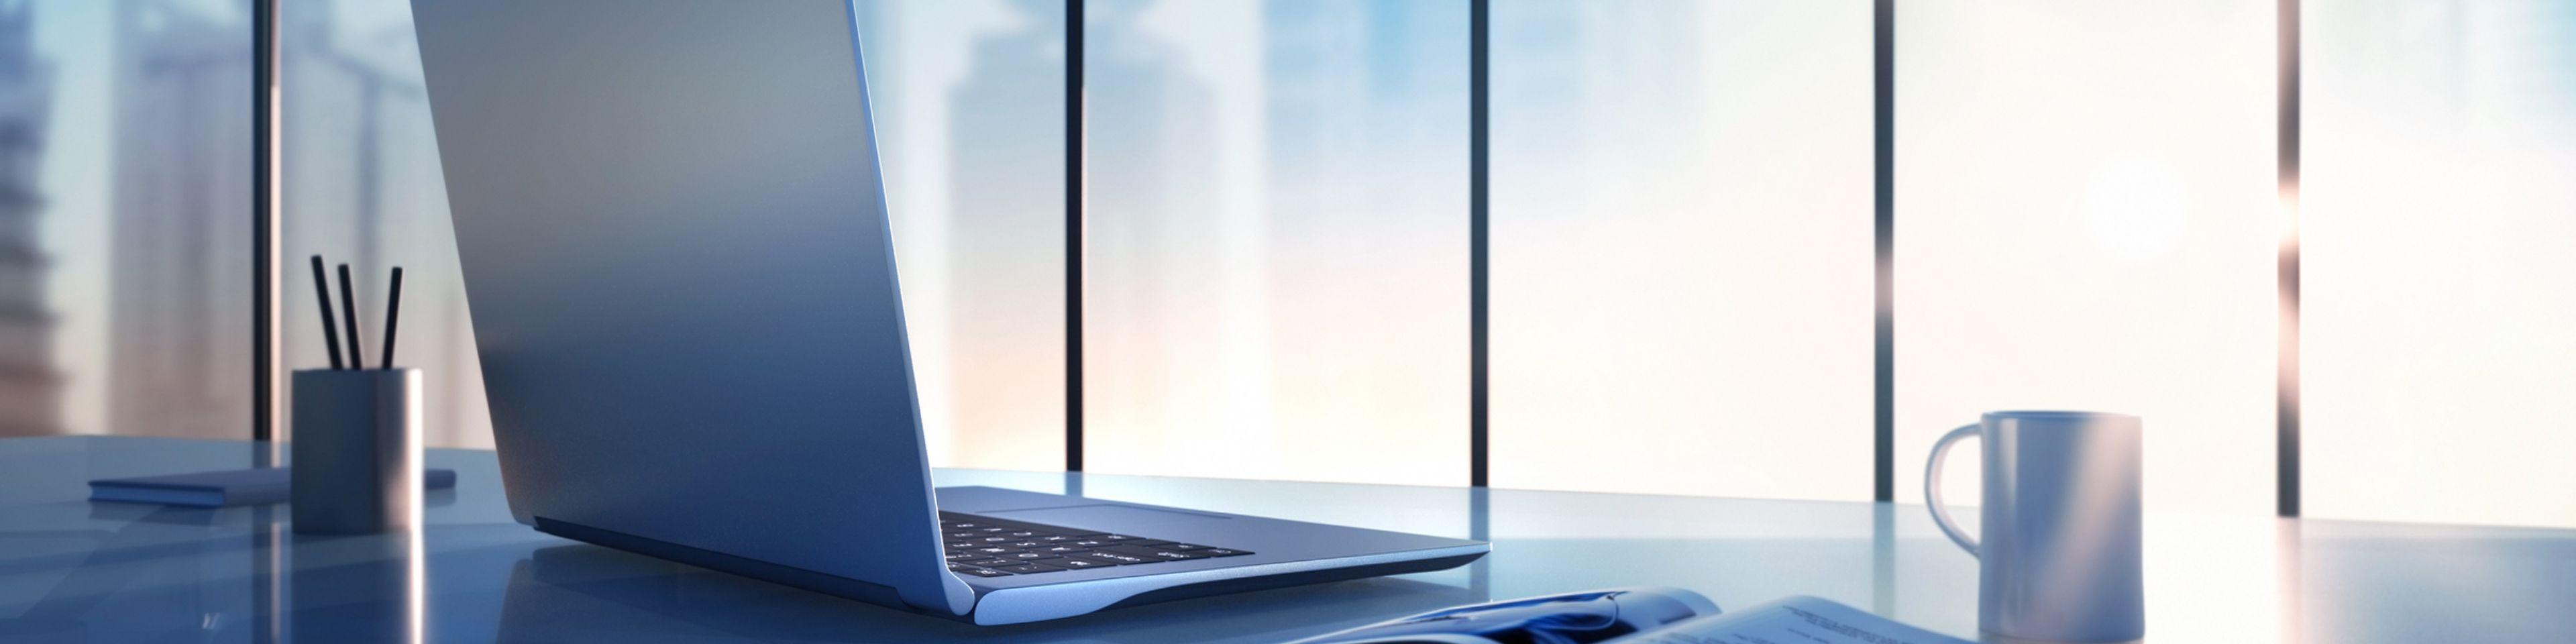 Legisway-Legal Tech – Erfolgreicher Einsatz in der Rechtsabteilung-DE